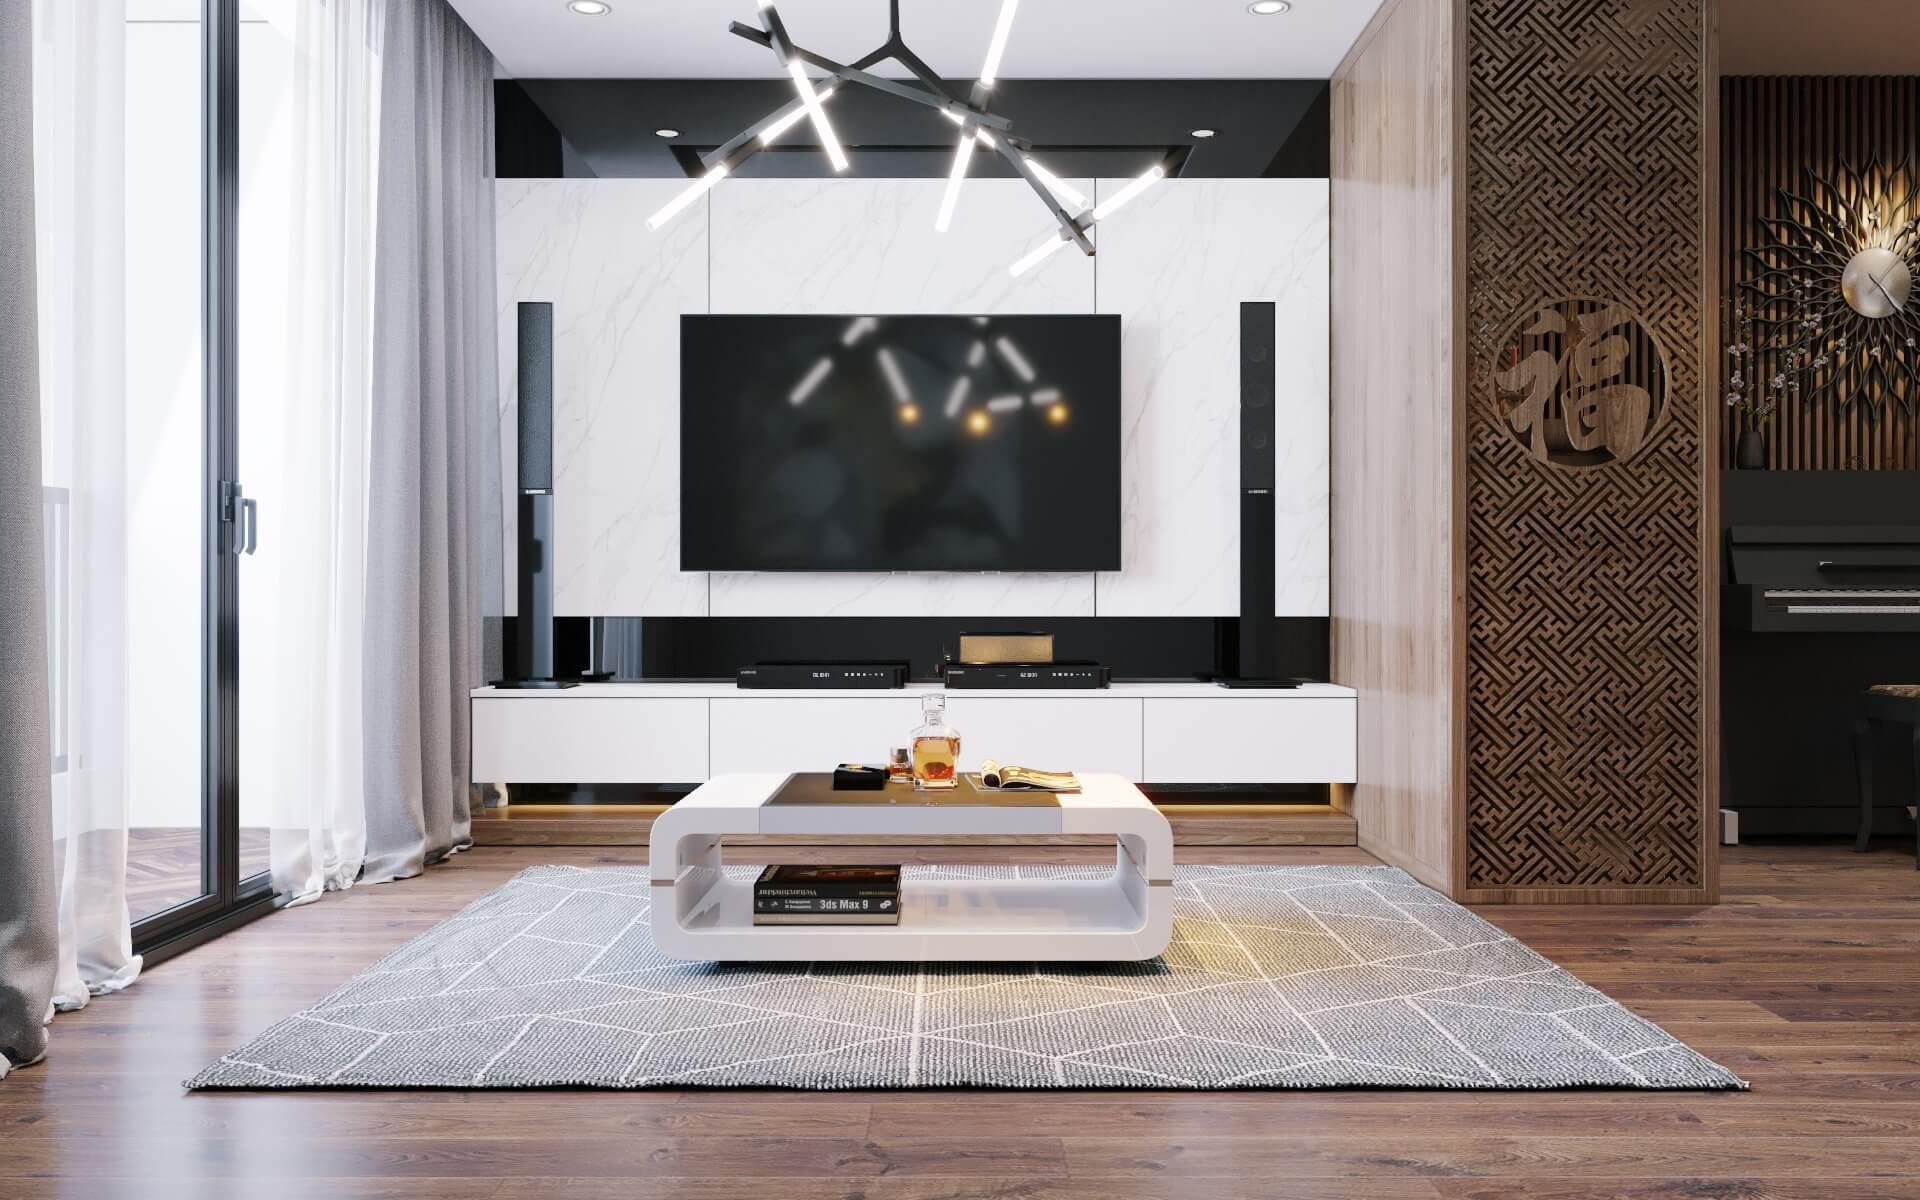 Thiết kế nội thất phòng khách đơn giản hiện đại